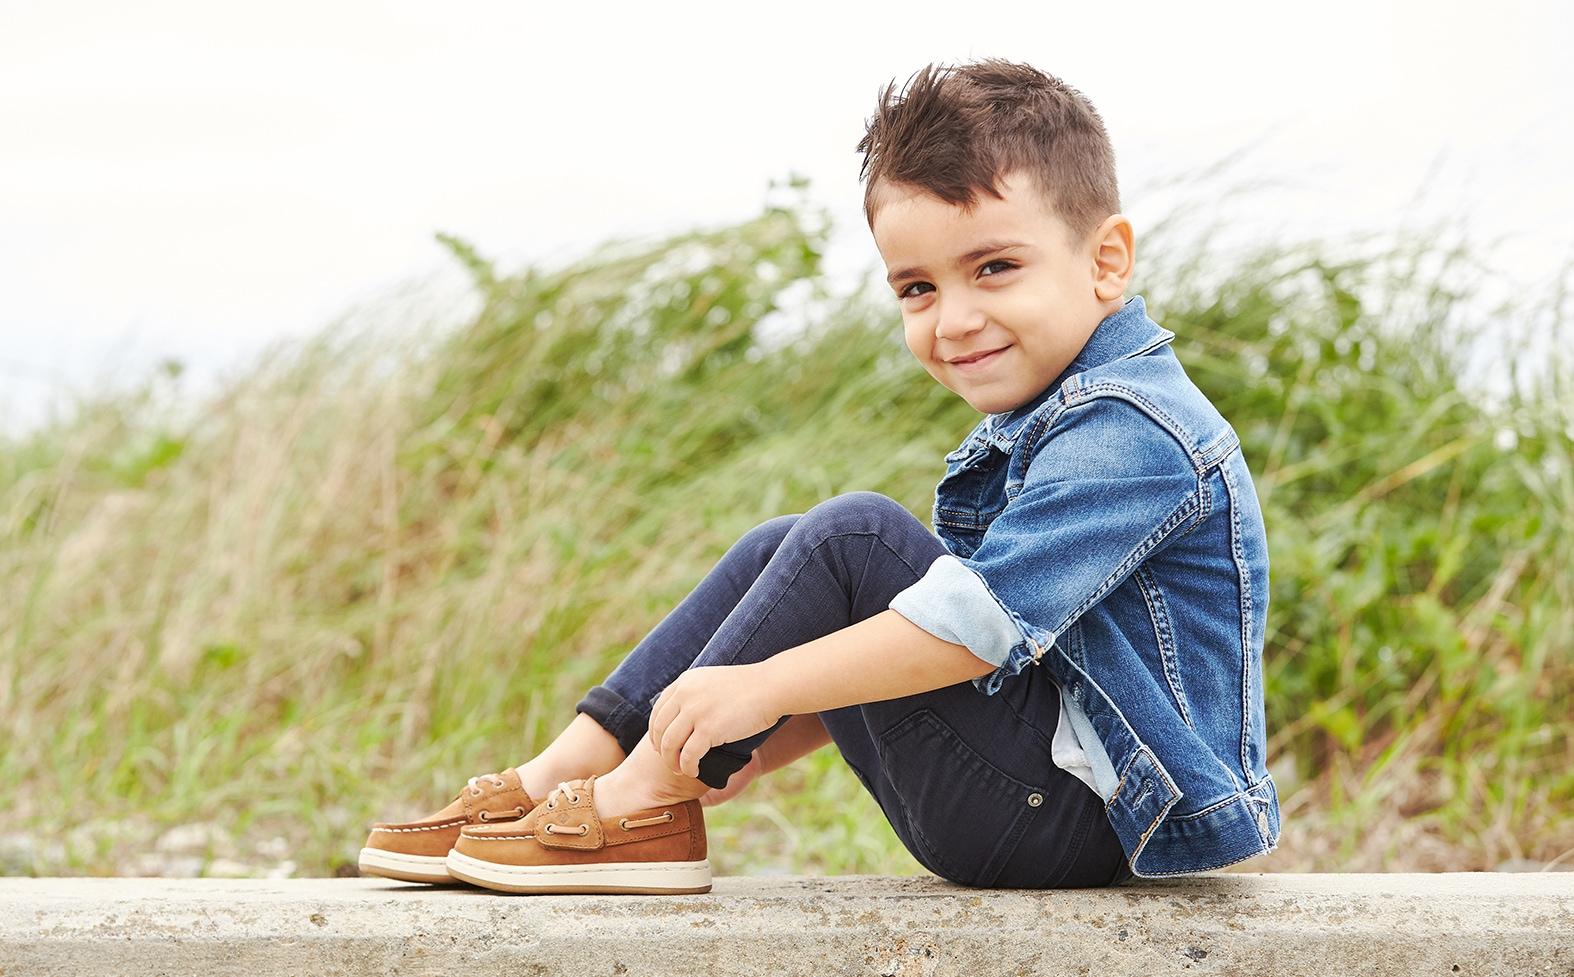 Resultado de imagen para footwear kids